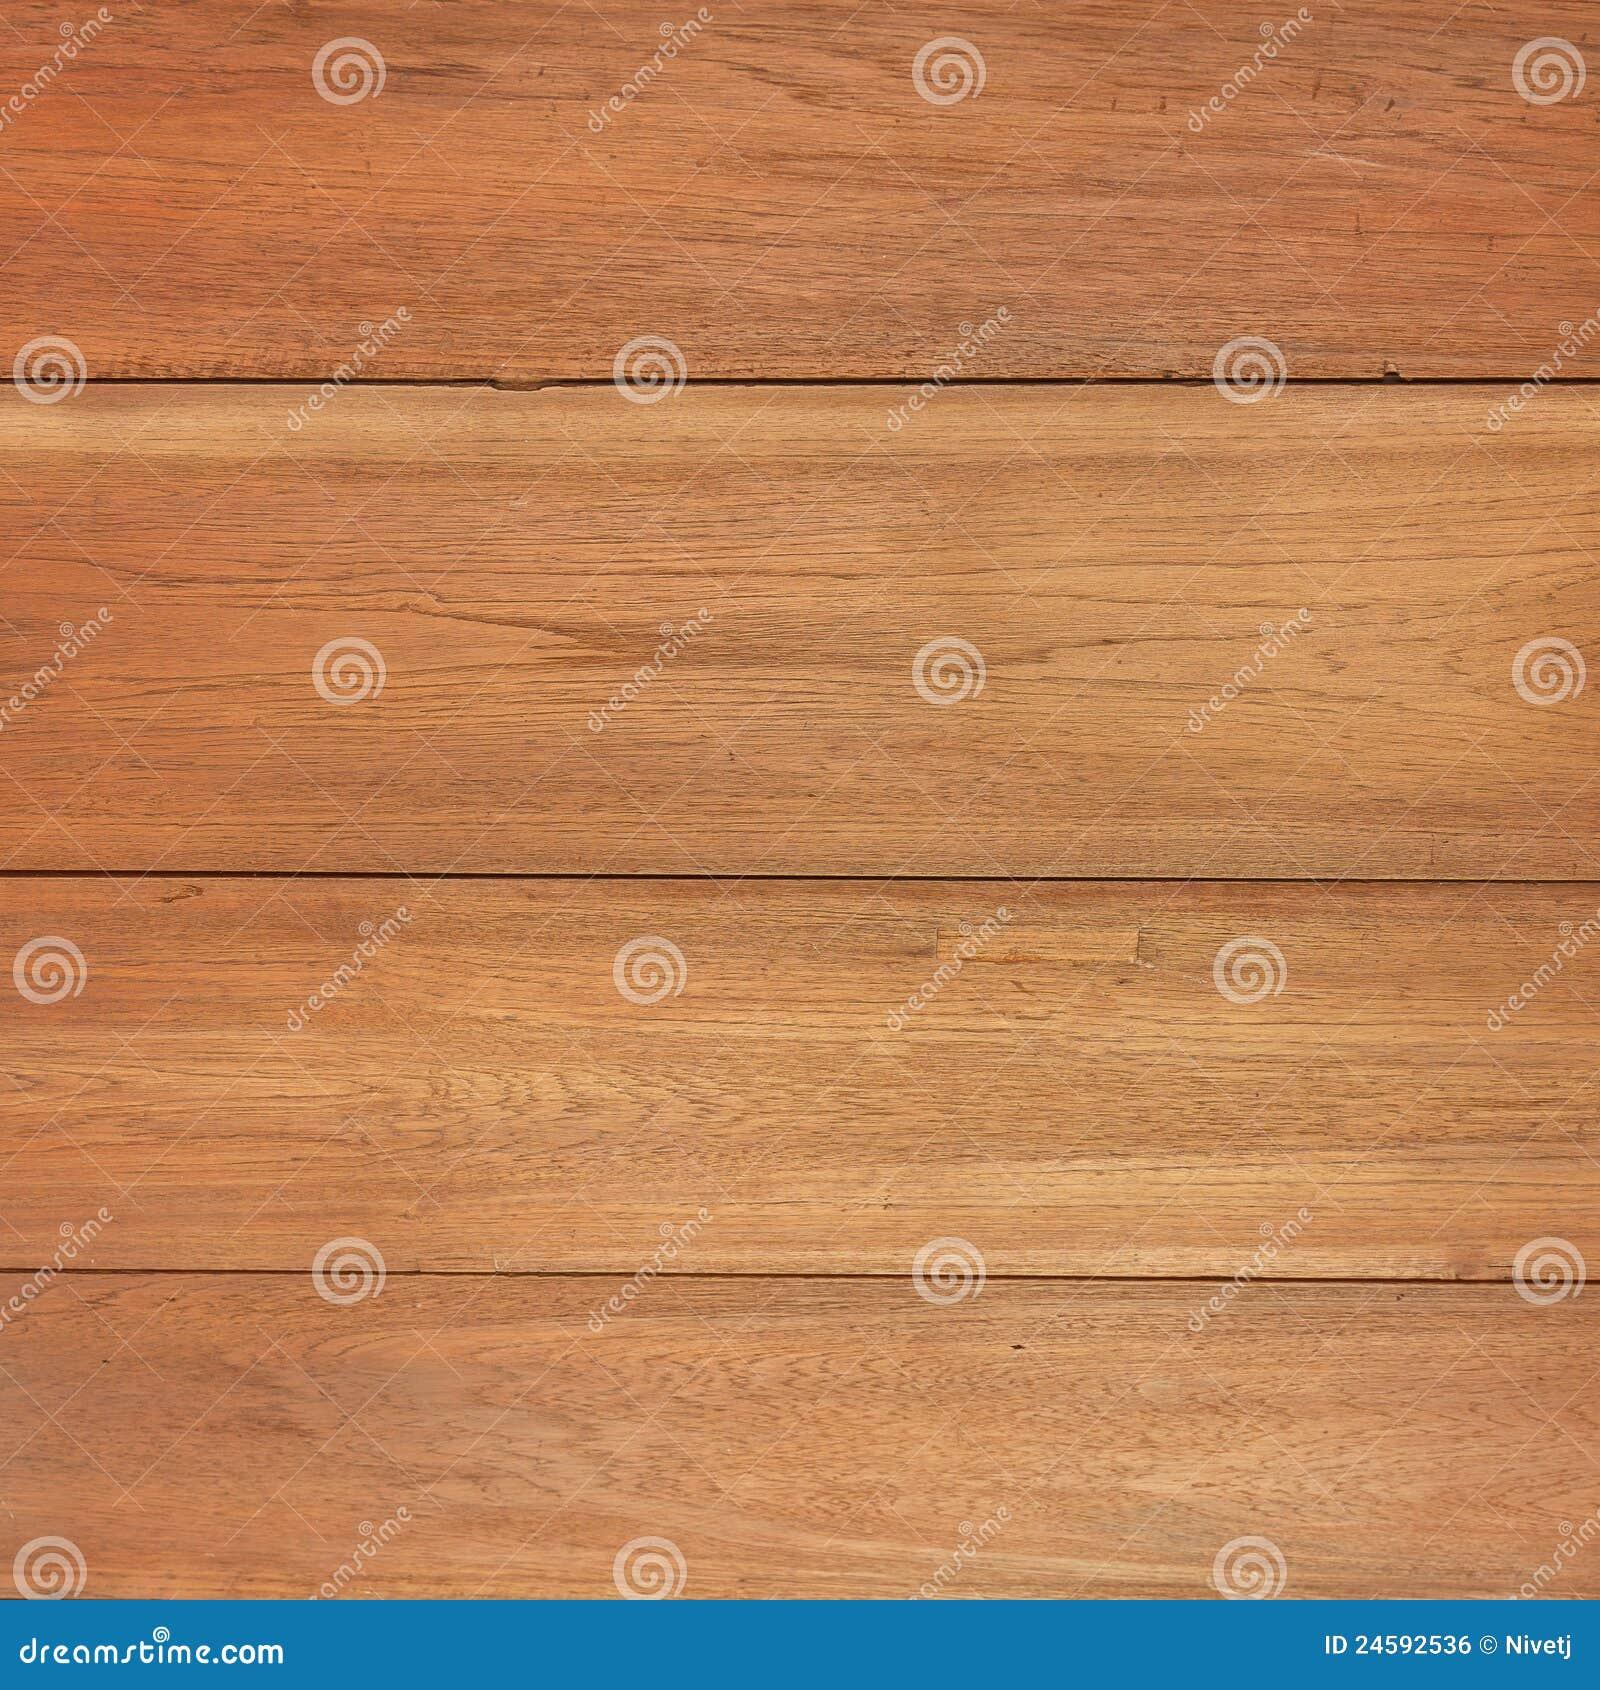 Vieille planche en bois image libre de droits image 24592536 - Vieille planche de bois ...